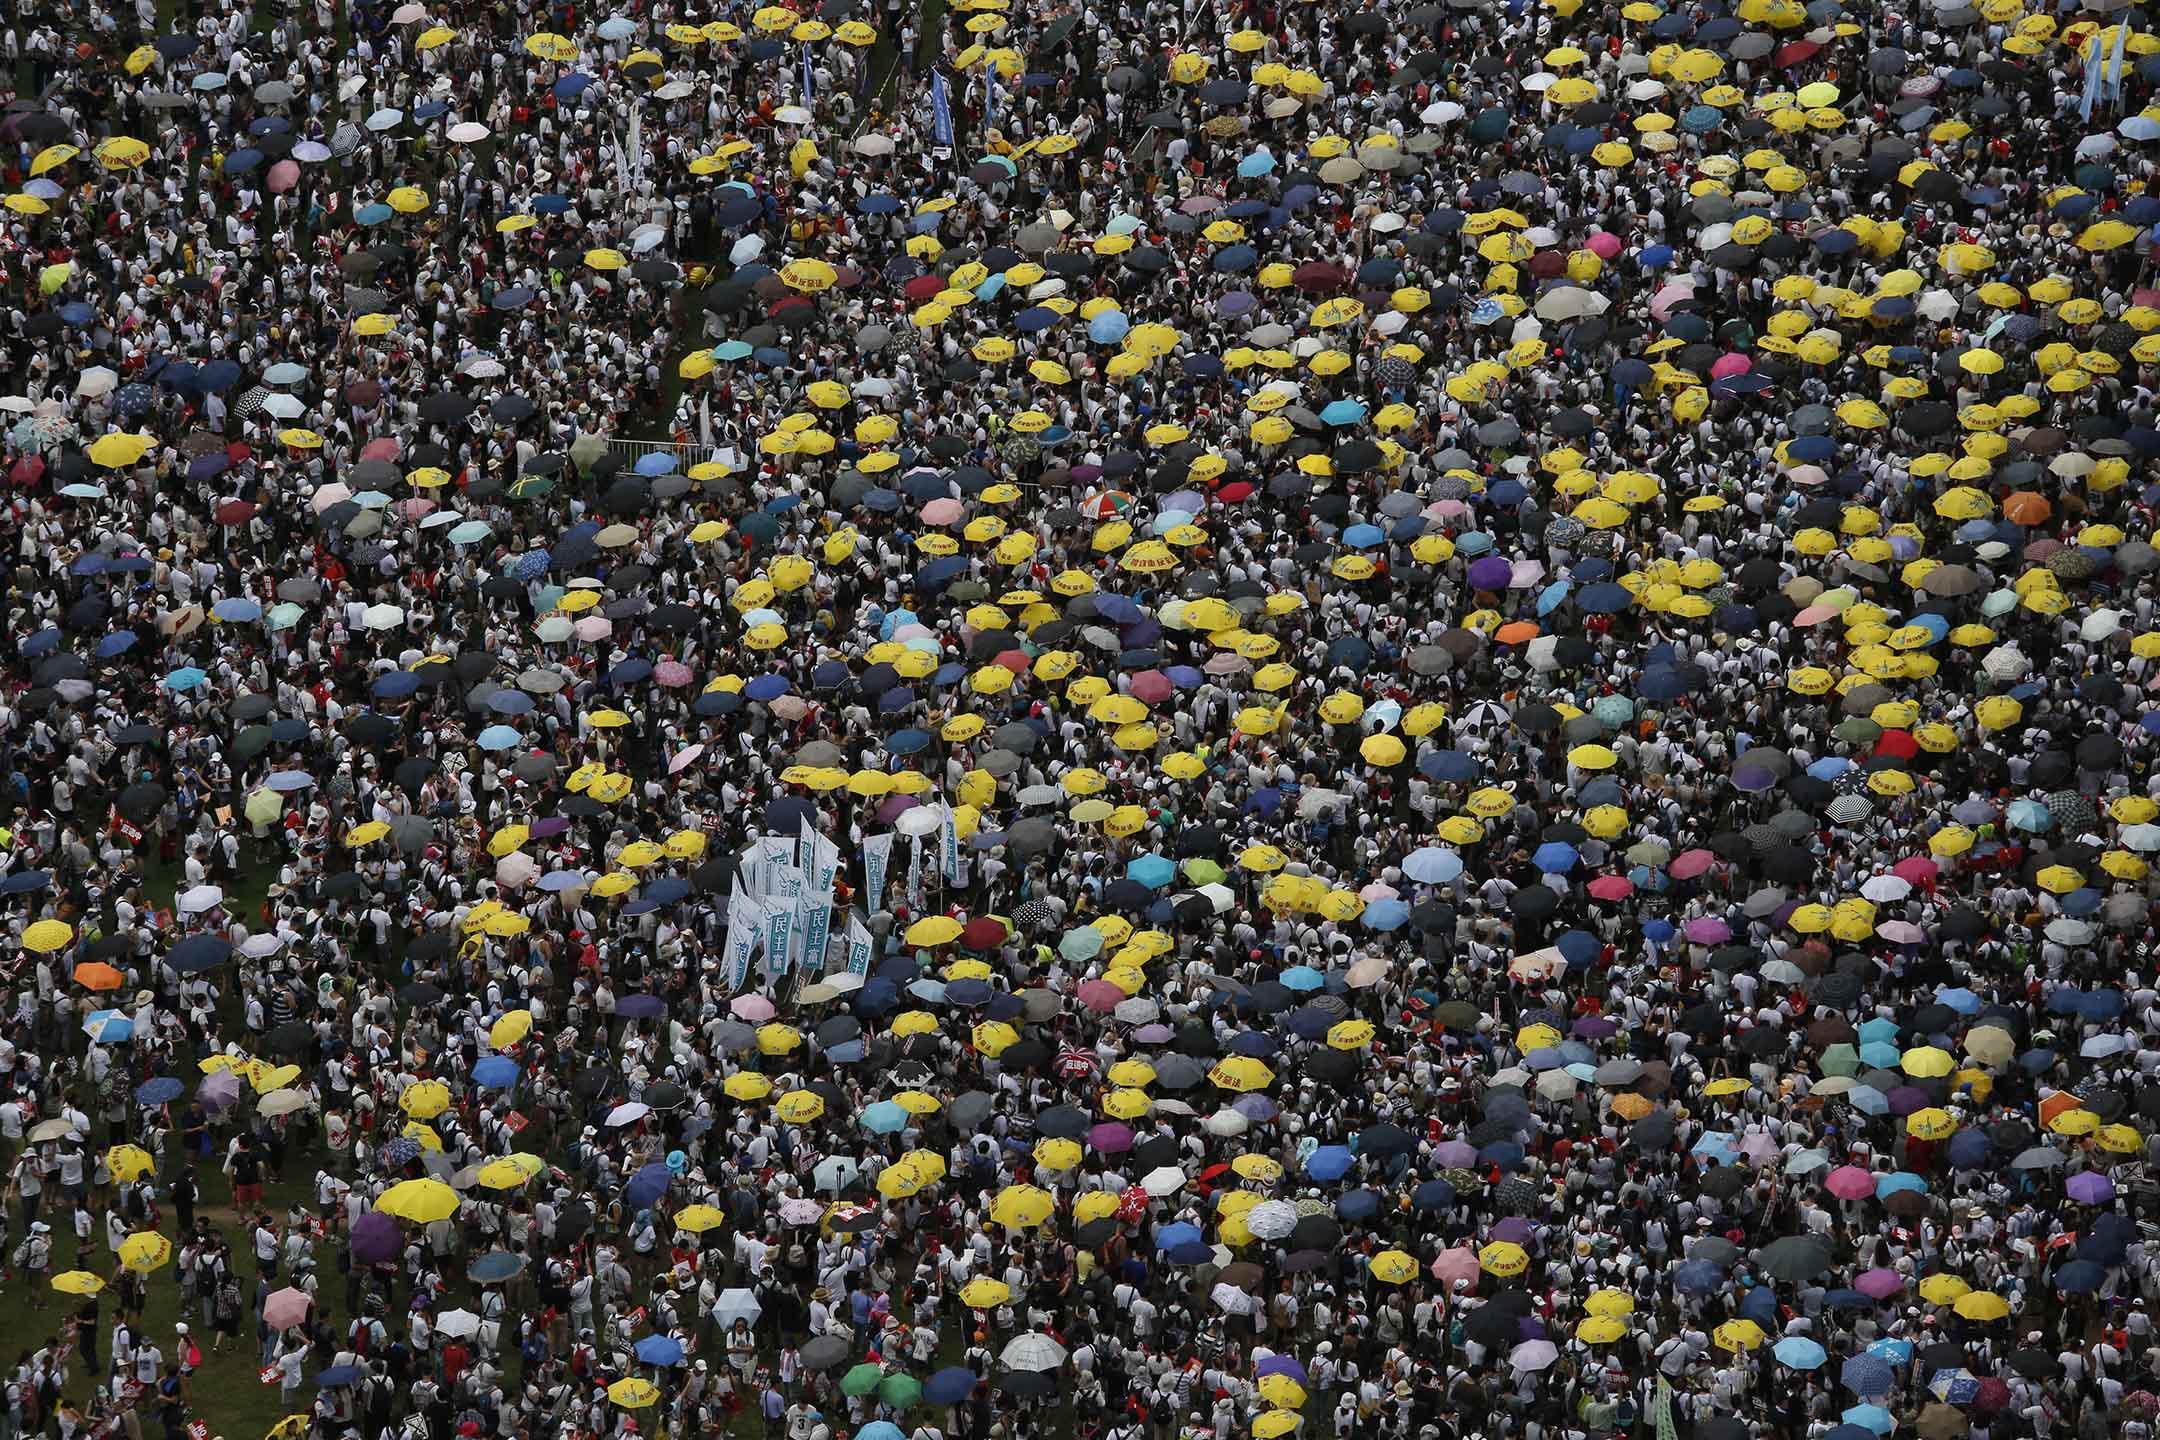 2019年6月9日,103萬港人上街反對《逃犯條例》修訂,創回歸後歷史新高。